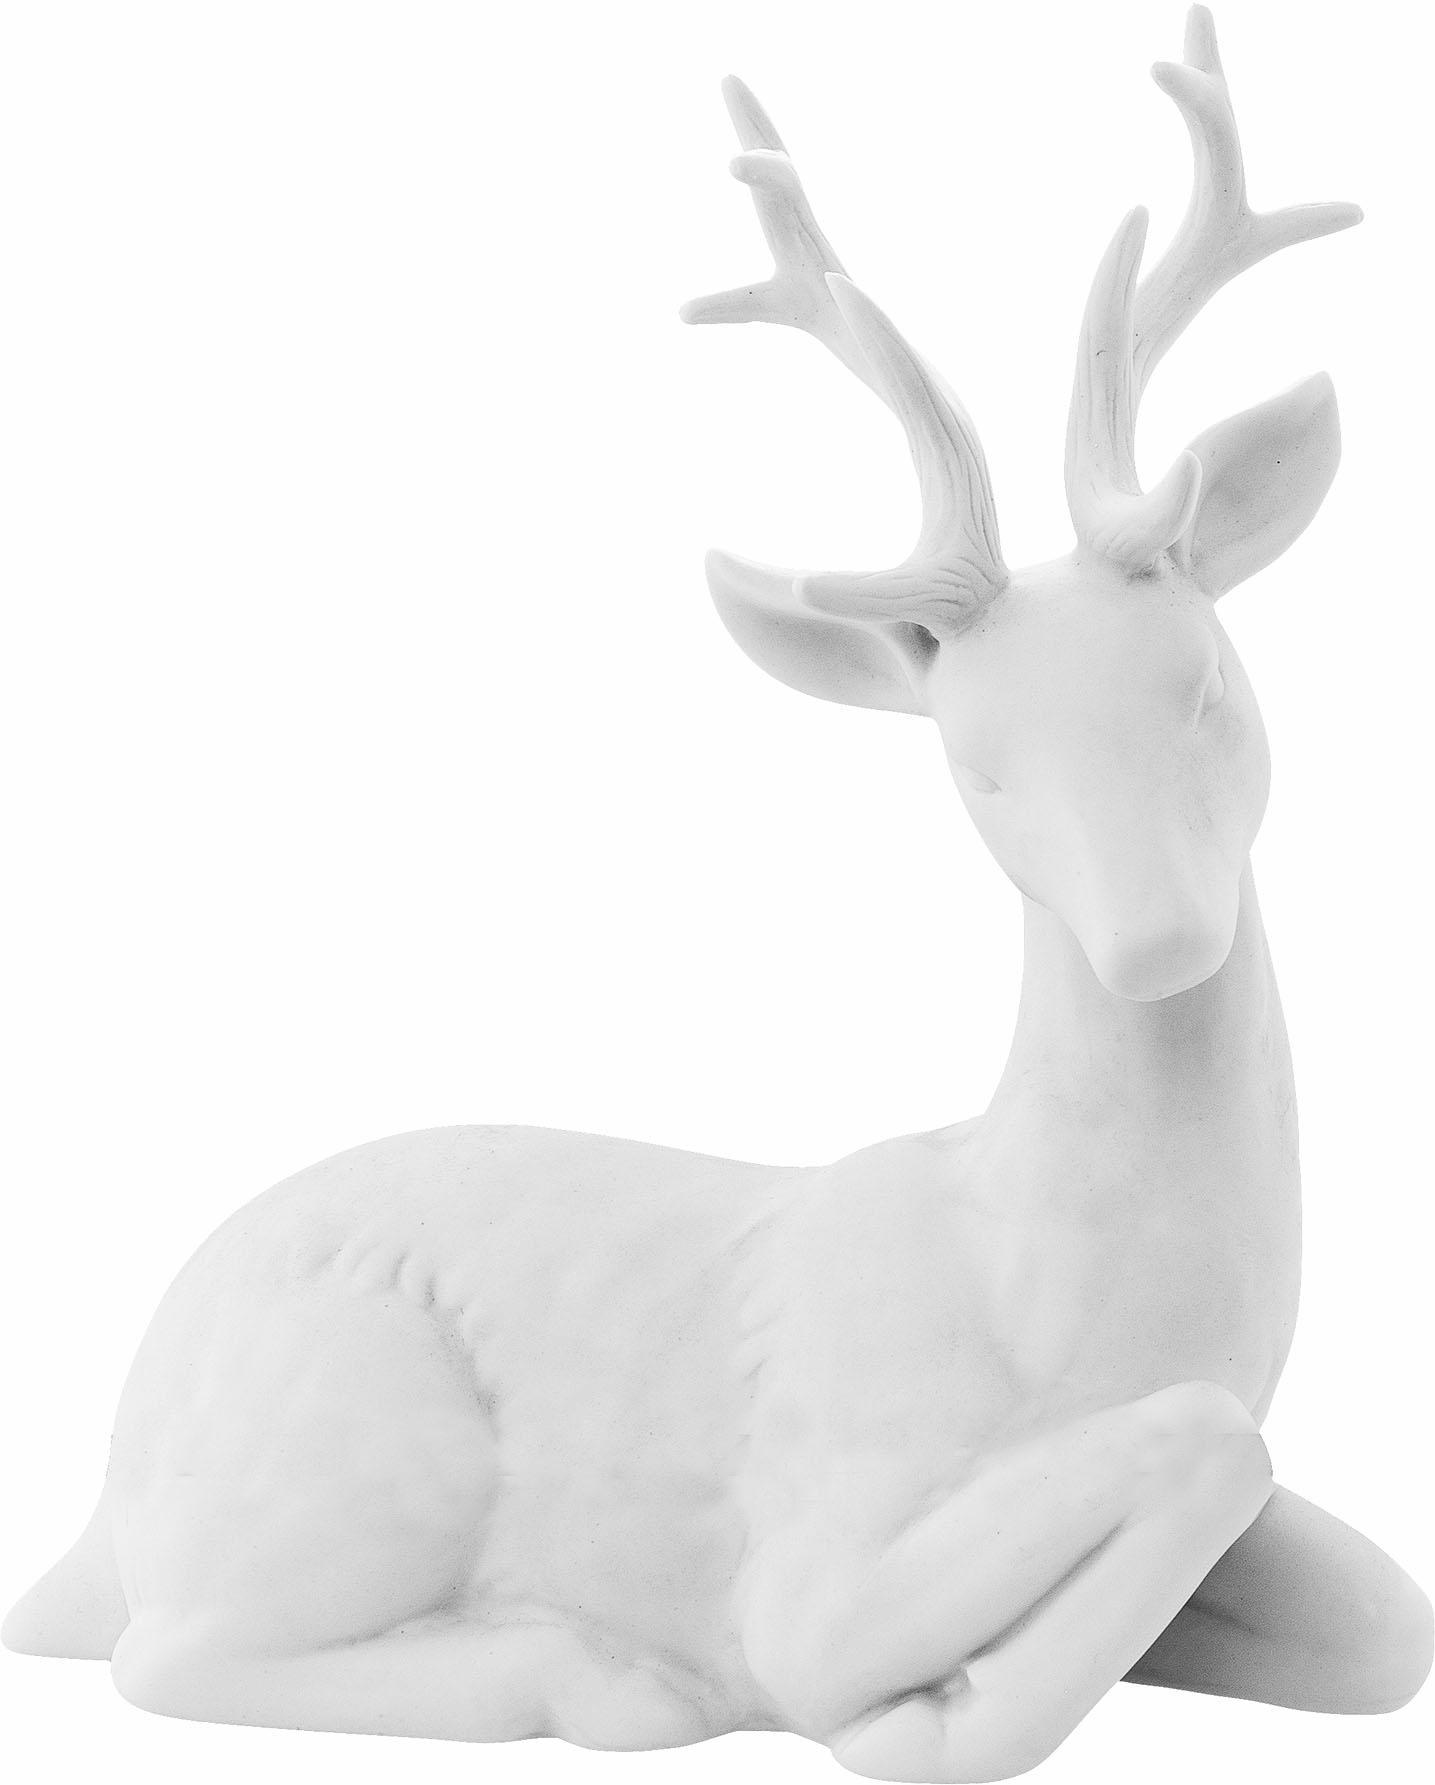 Bloomingville Dekofigur Hirsch | Dekoration > Figuren und Skulpturen > Tiere | Weiß | BLOOMINGVILLE A/S